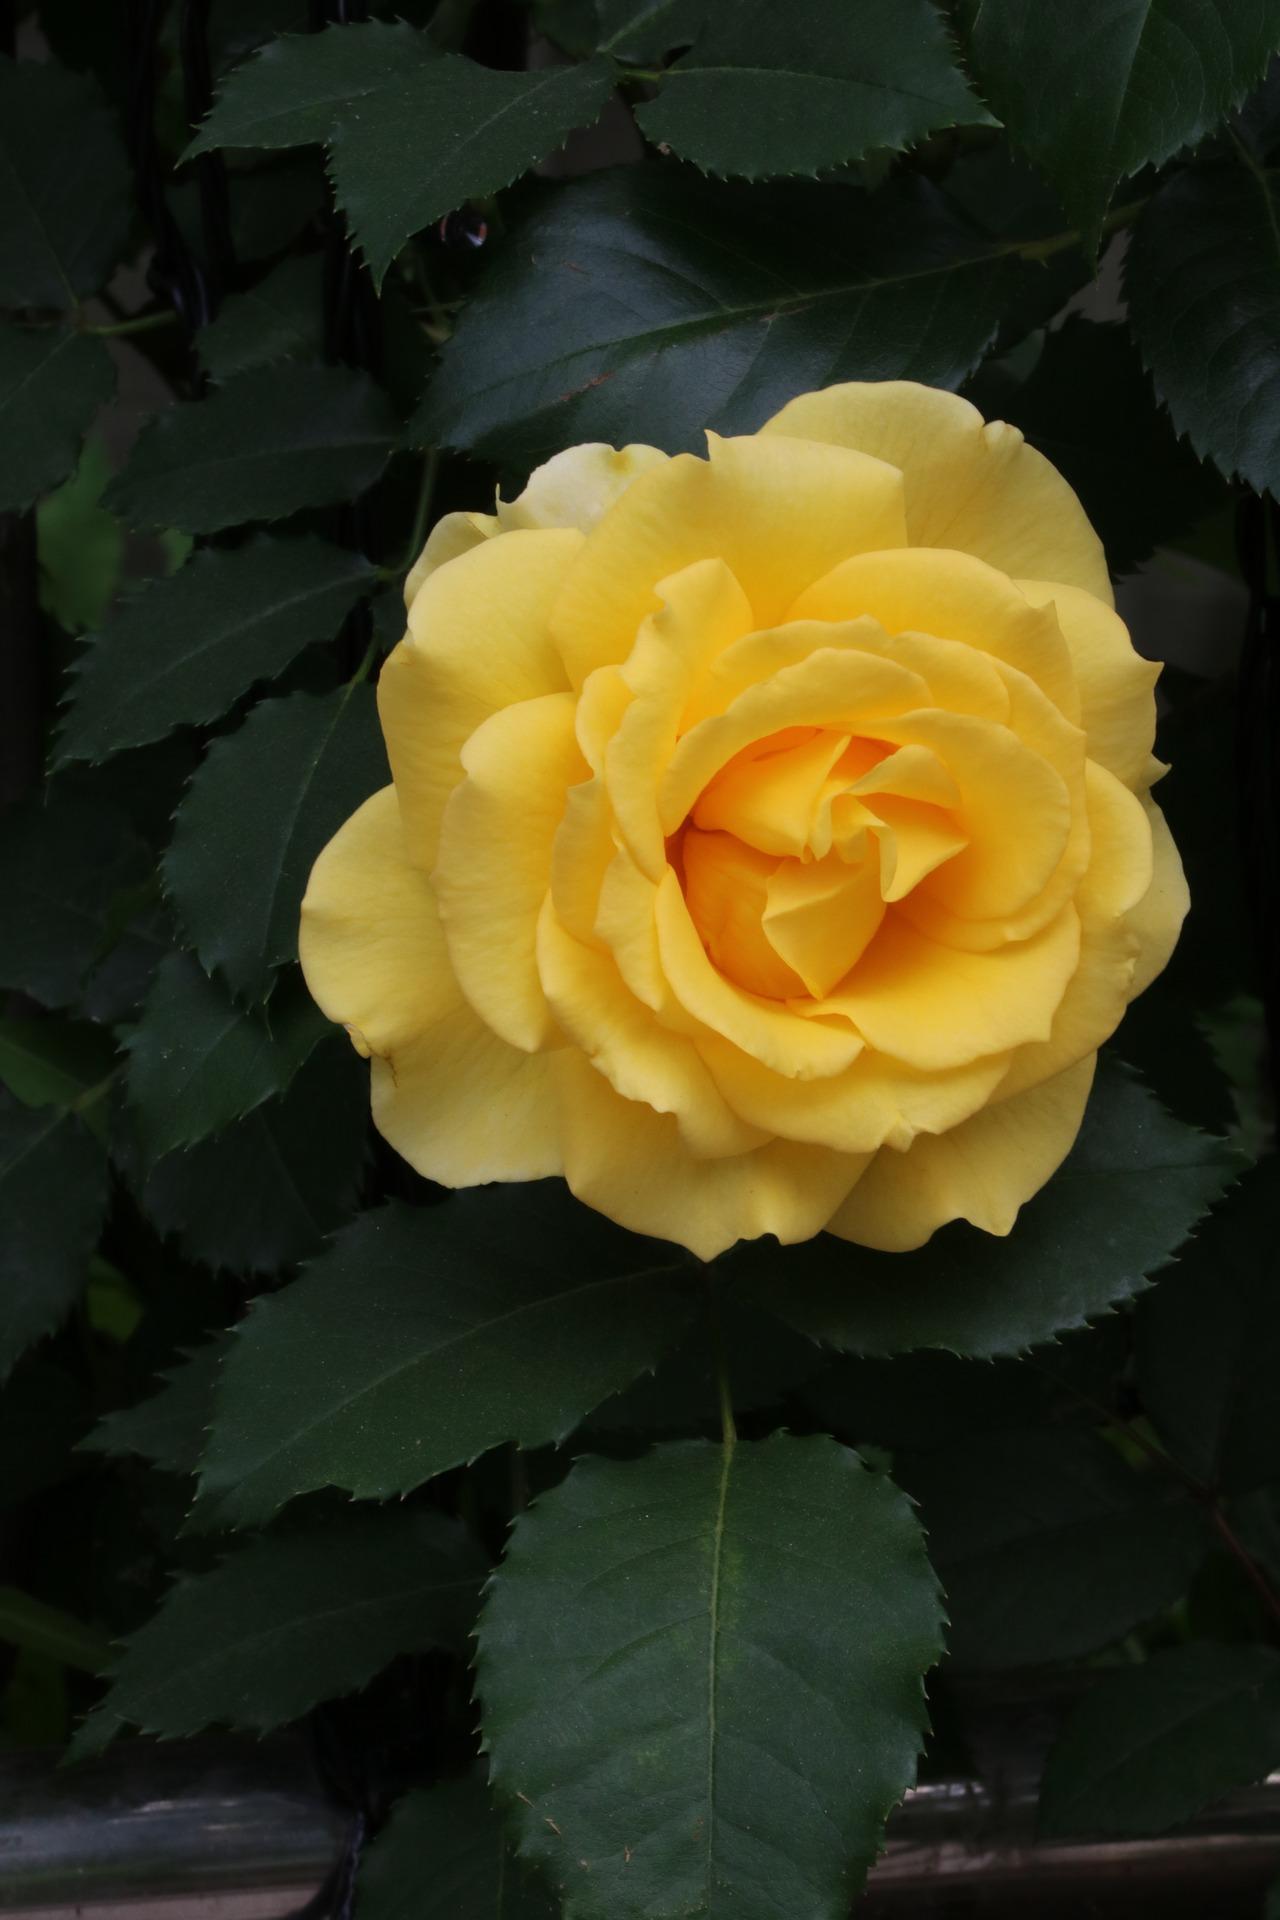 Фото Желтая роза, by HeungSoon